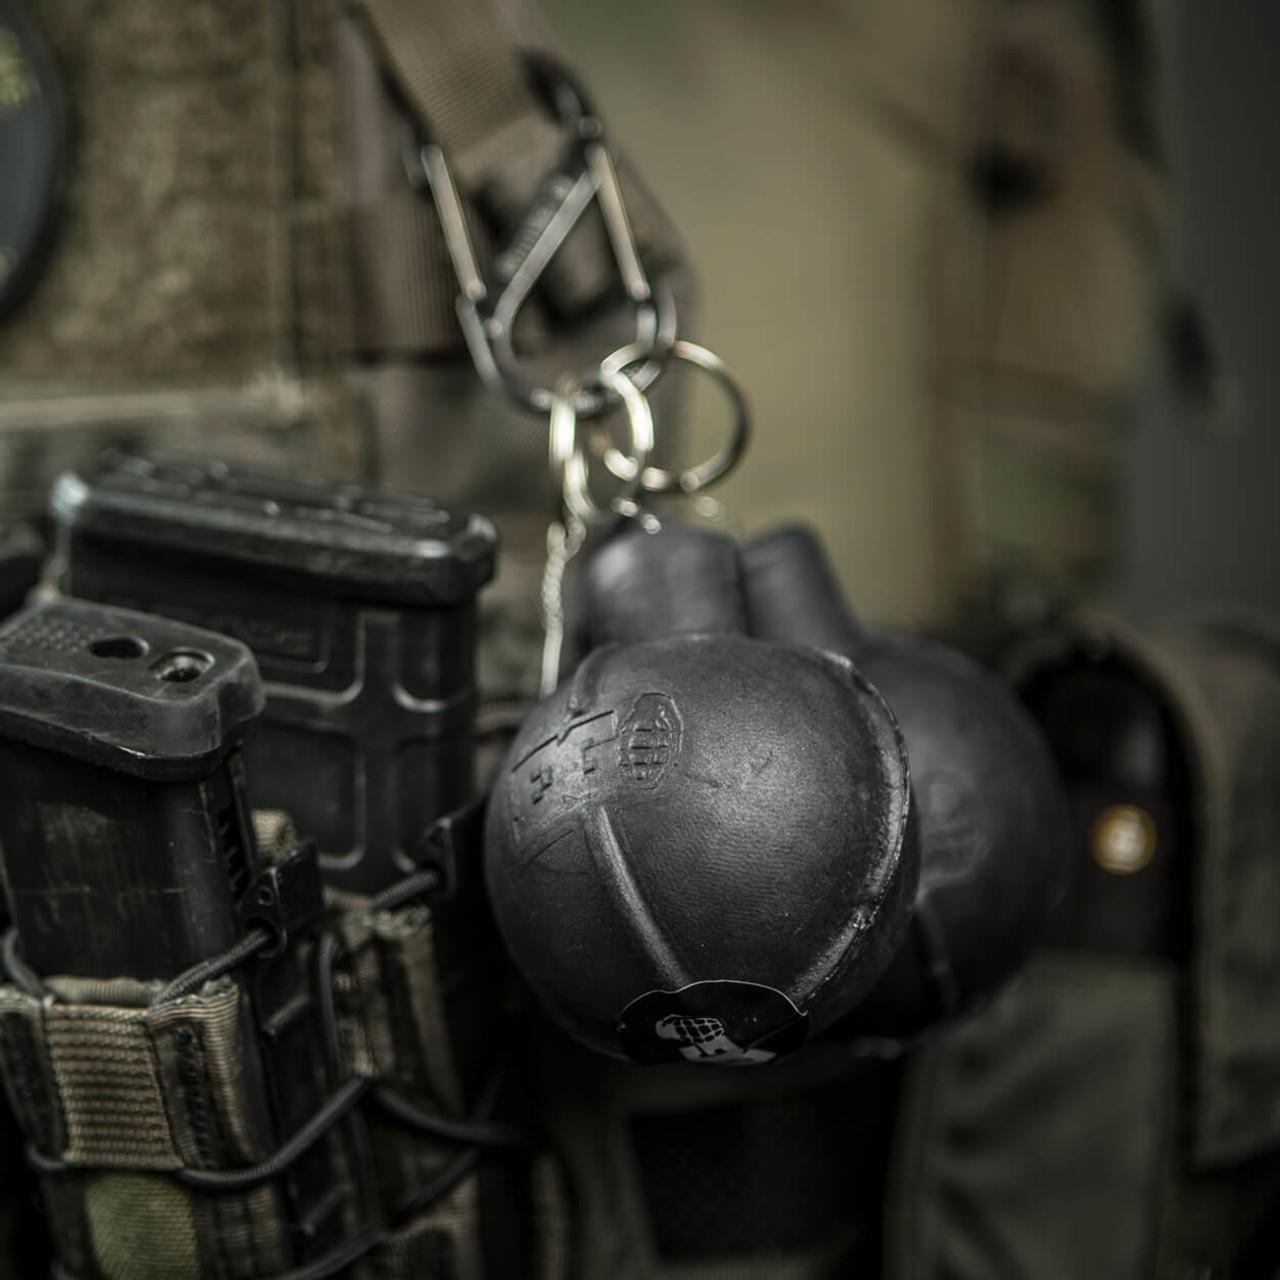 Enola Gaye EG67 Frag Grenade   Hanging on Gear